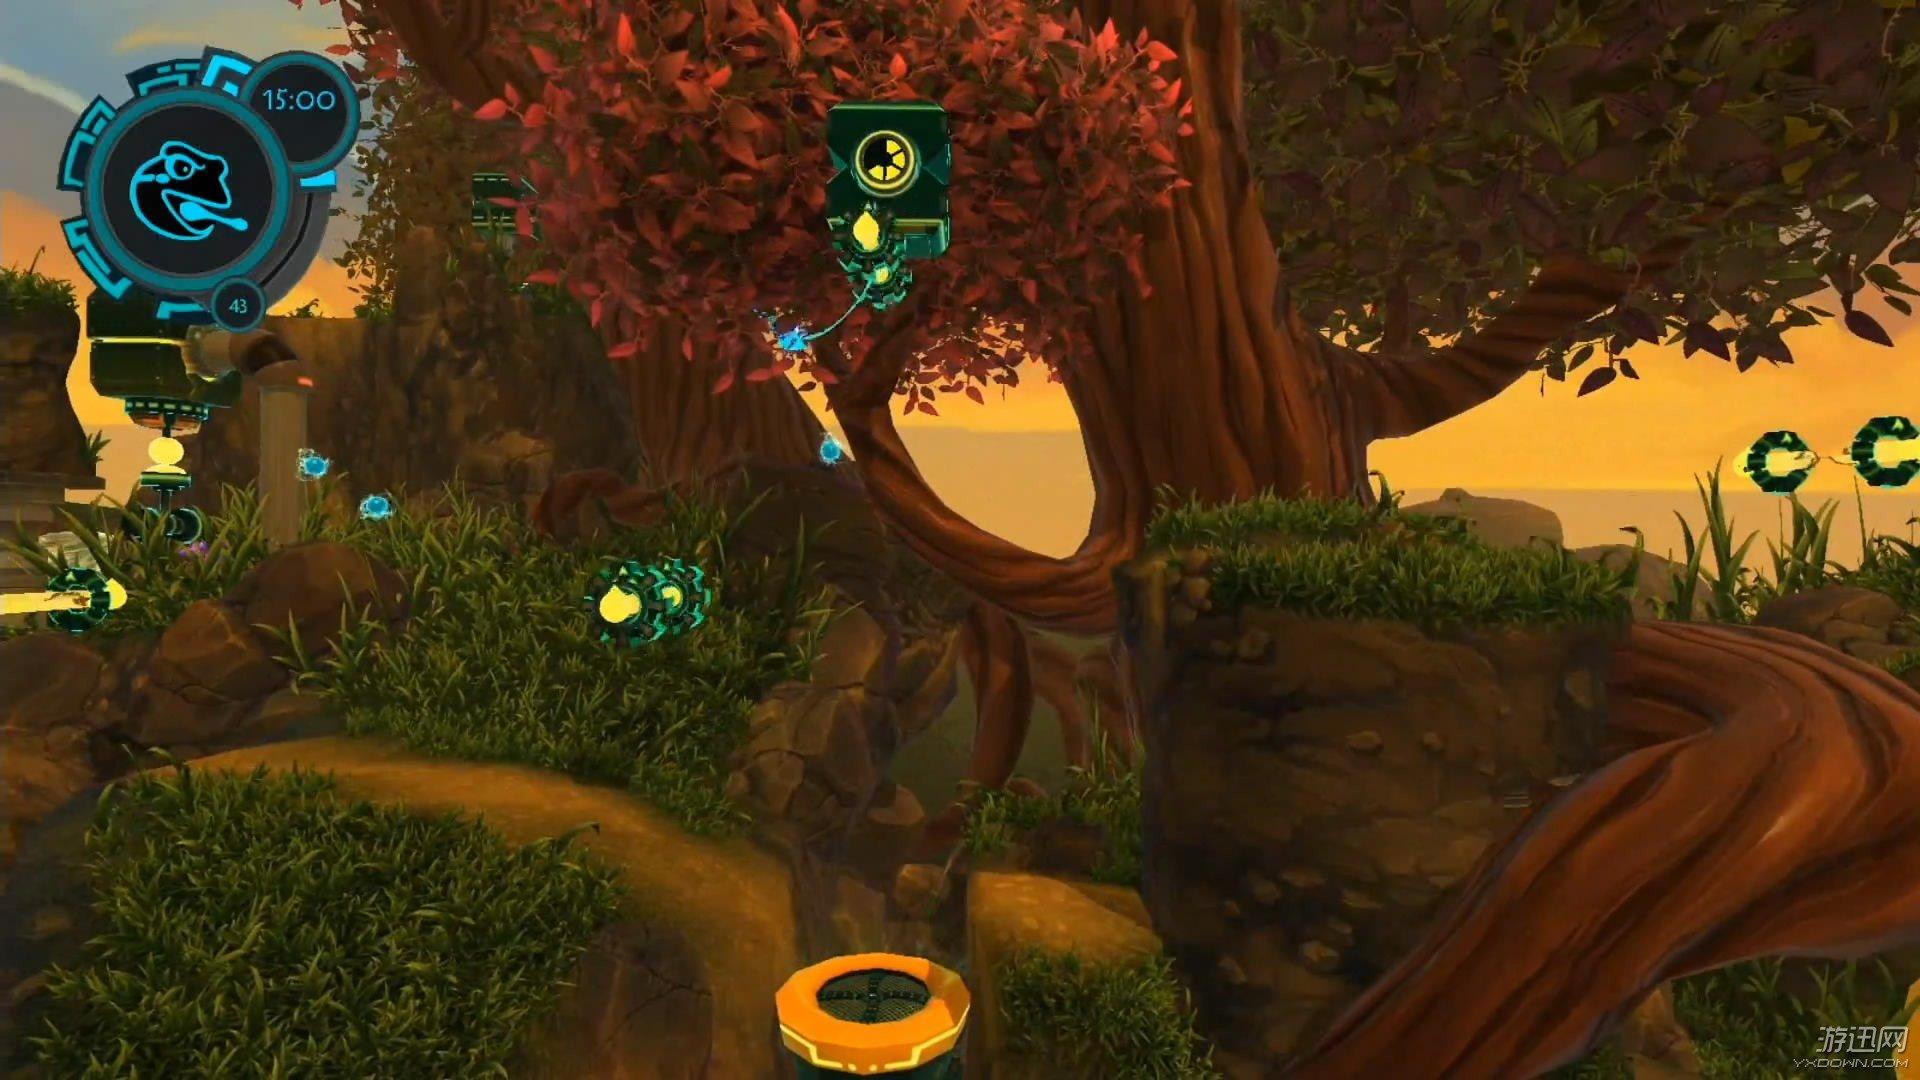 """操纵机器动物活用能力来探索瑰丽的游戏世界的想法非常有趣且富有创意,而动作冒险新作《机械动物园》将这一想法很好地融入到游戏中,在游戏中玩家们将经历一次有趣的冒险之旅。《机械动物园》是一款2D横版冒险游戏,该作由Good Mood Creators制作。在Mekazoo的游戏世界中,玩家将控制五种不同的""""机械动物"""",犰狳、青蛙、熊猫、鹈鹕、沙袋鼠。游戏中可以在解锁新动物后跟随关卡环境进行切换。每一种类型都有其独特的连技和独特的技能。 这款游戏节奏看上去相当快速,但是关卡本身貌似不是非常"""